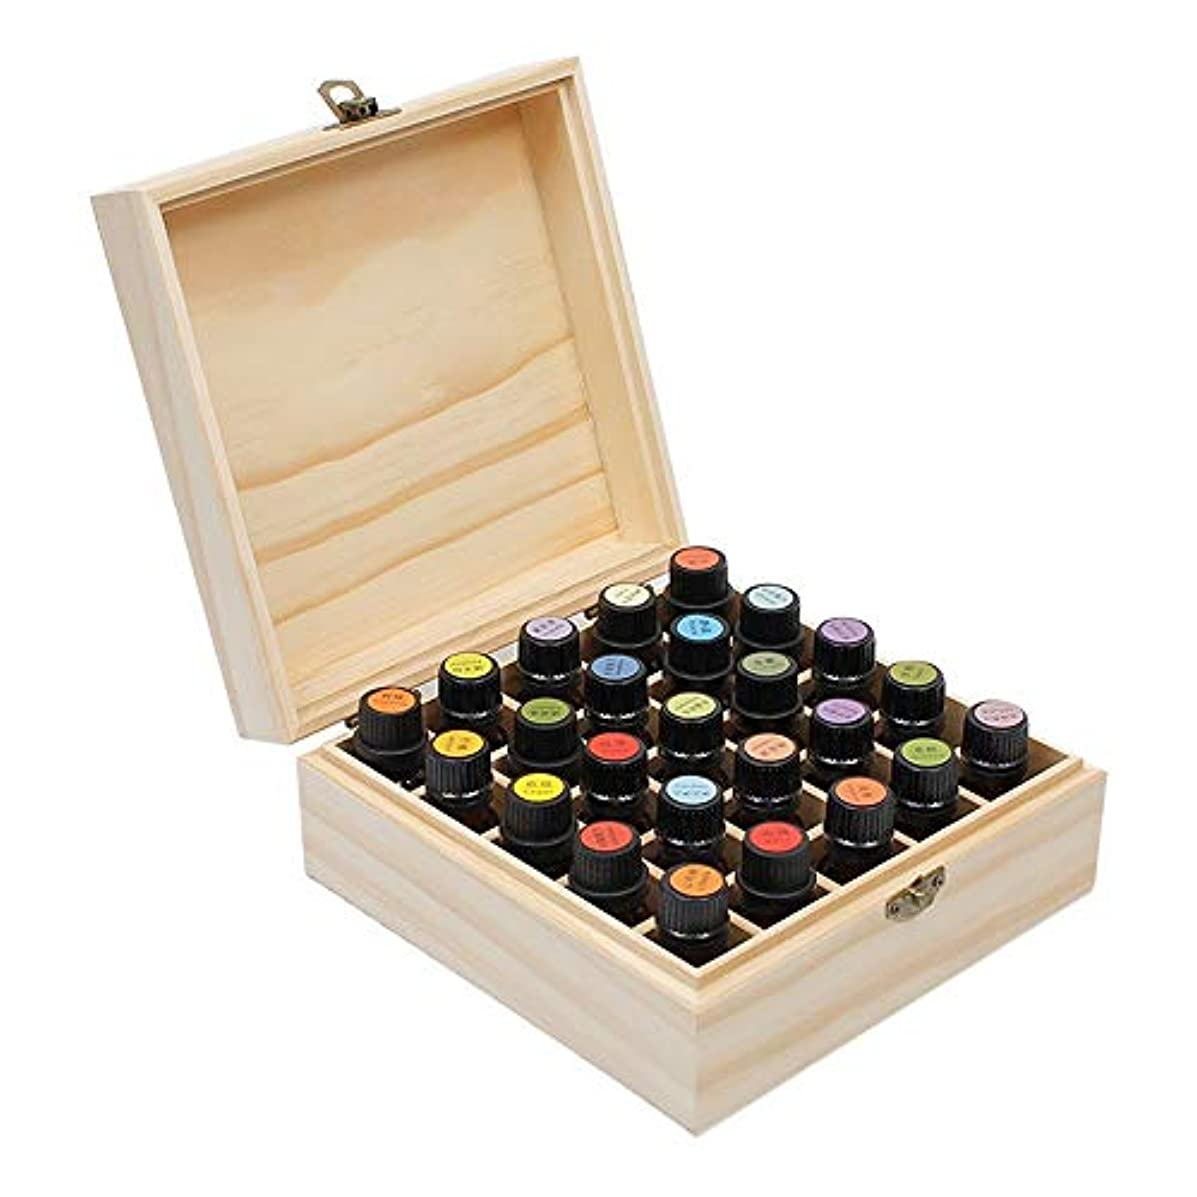 脈拍アベニューモザイクエッセンシャルオイルの保管 25搬送するためのスロットエッセンシャルオイルボックス木製収納ケースとホームストレージの表示 (色 : Natural, サイズ : 18.3X18.3X8.3CM)